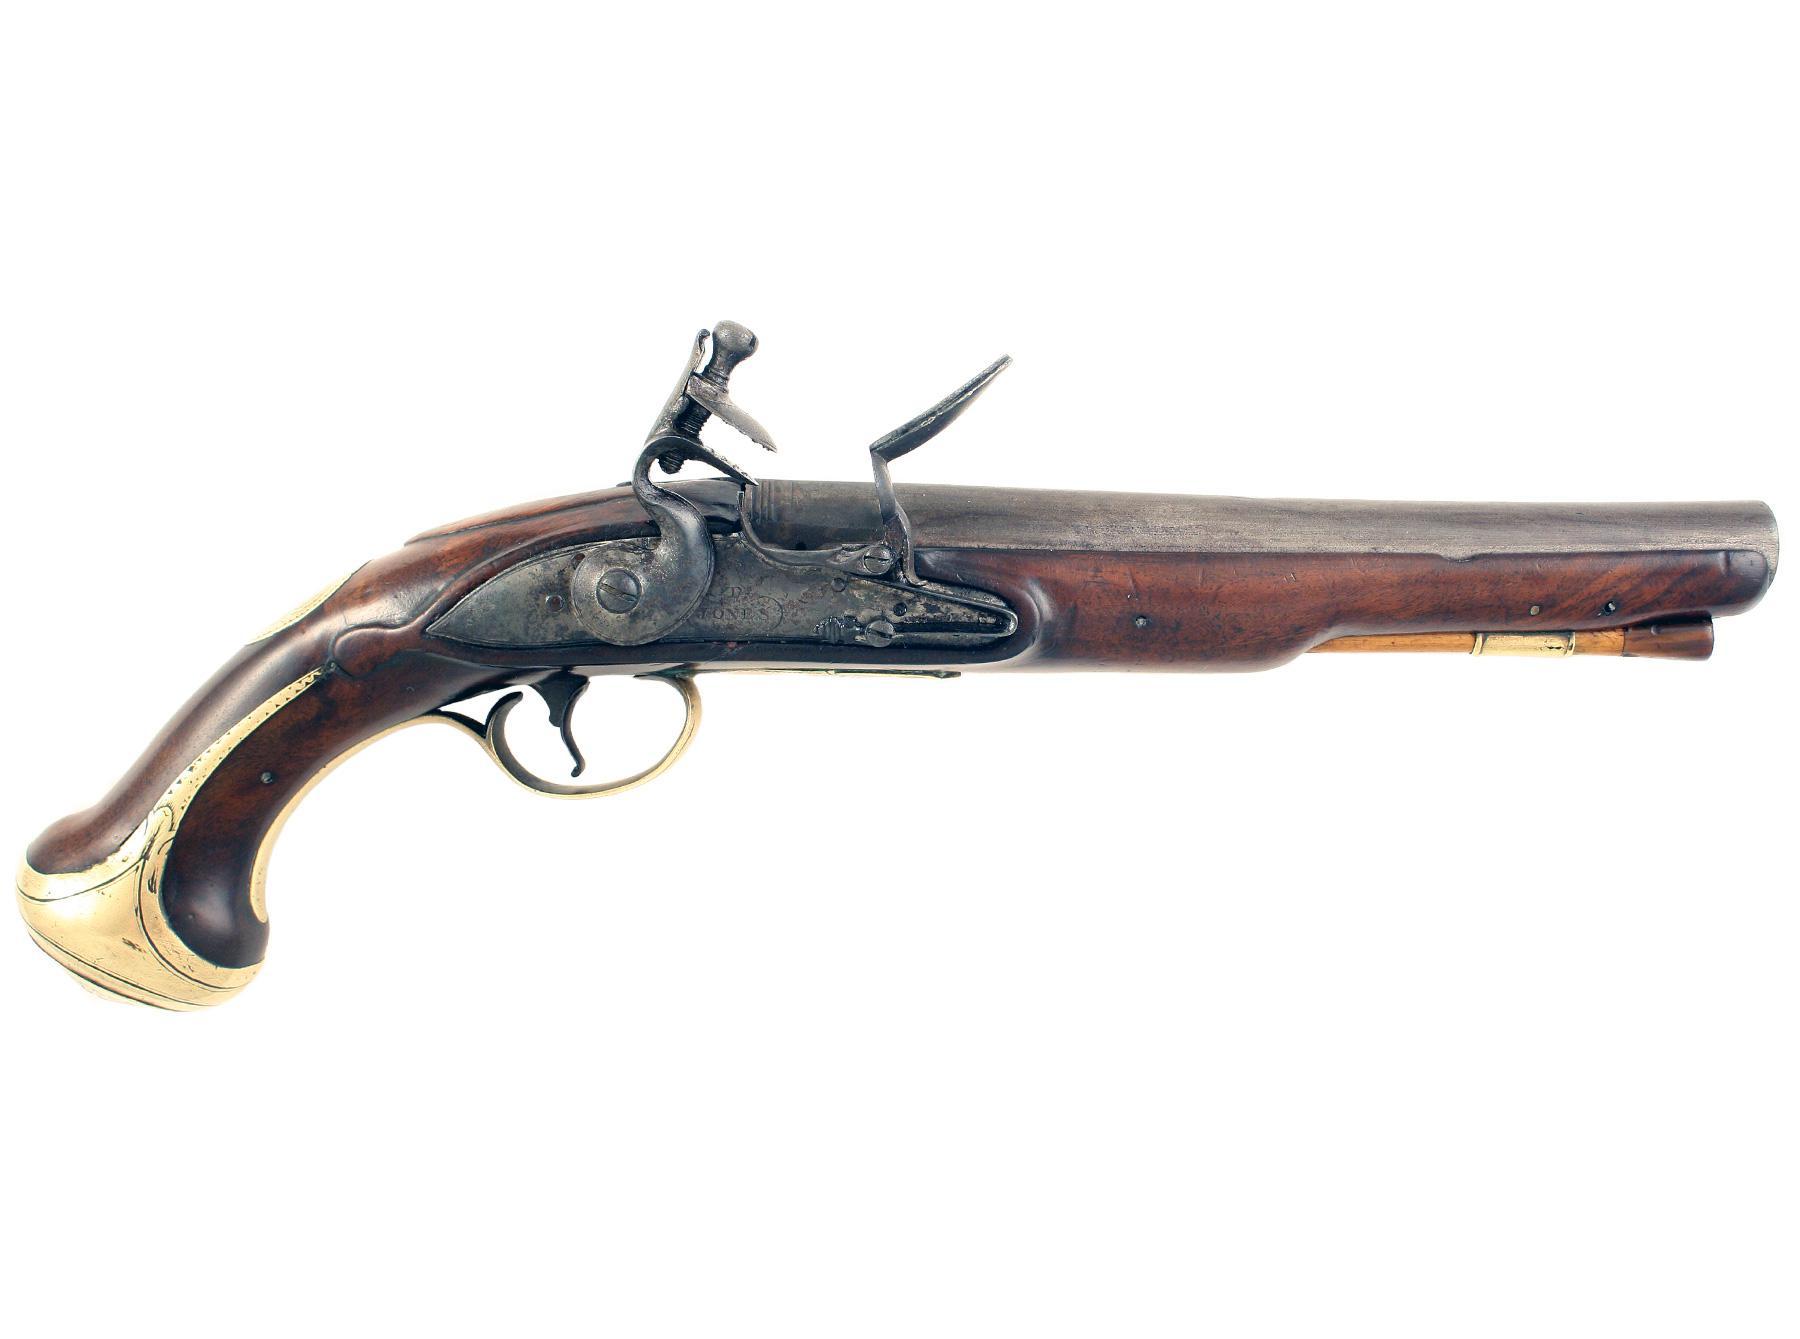 A Flintlock Holster Pistol by T. Jones of London